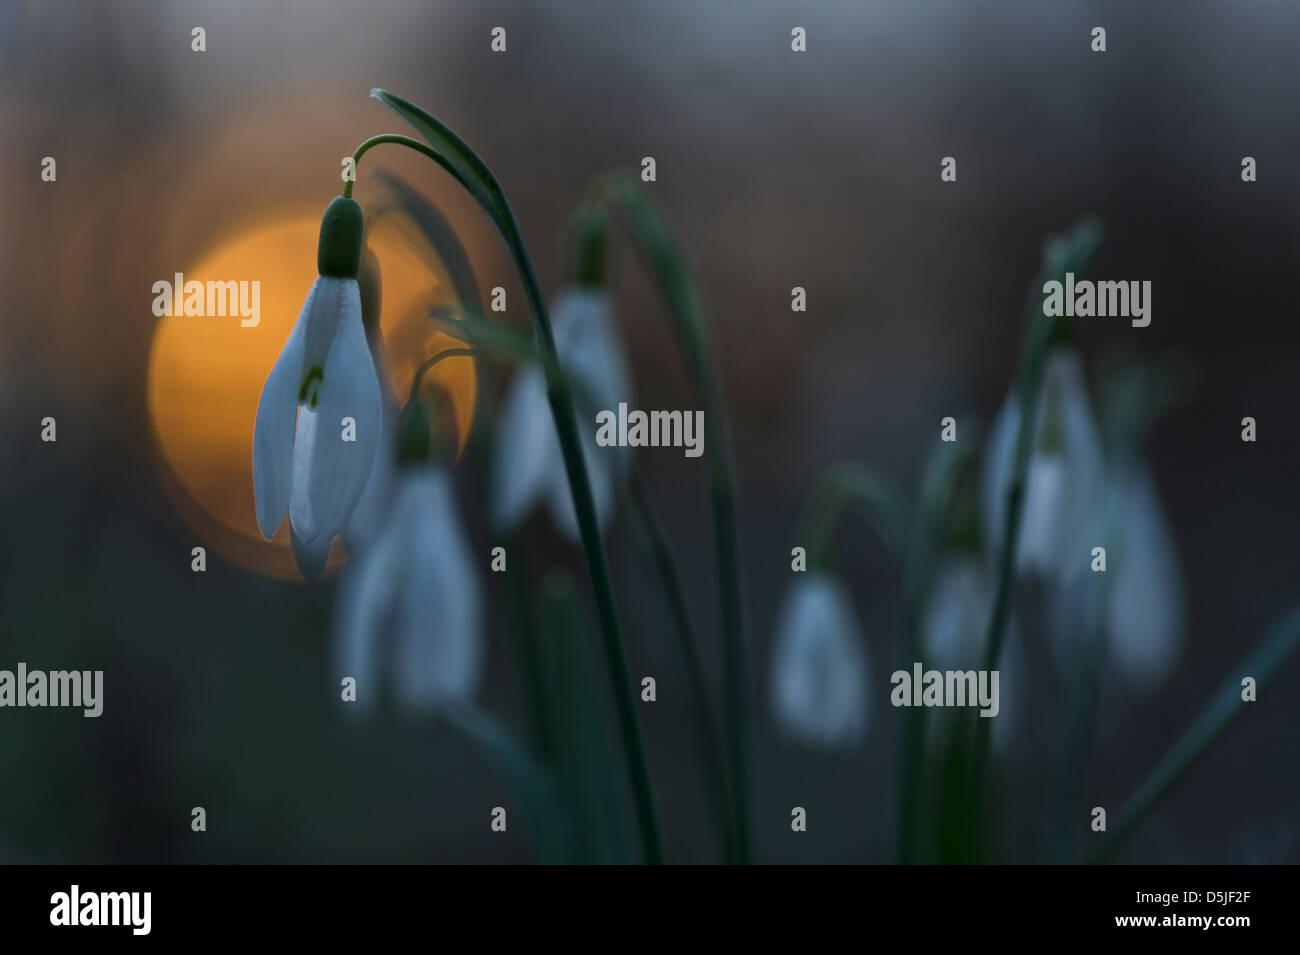 Österreich / Niederösterreich - Frühling blühende Schneeglöckchen im Nationalpark Donau Auen. Stockfoto